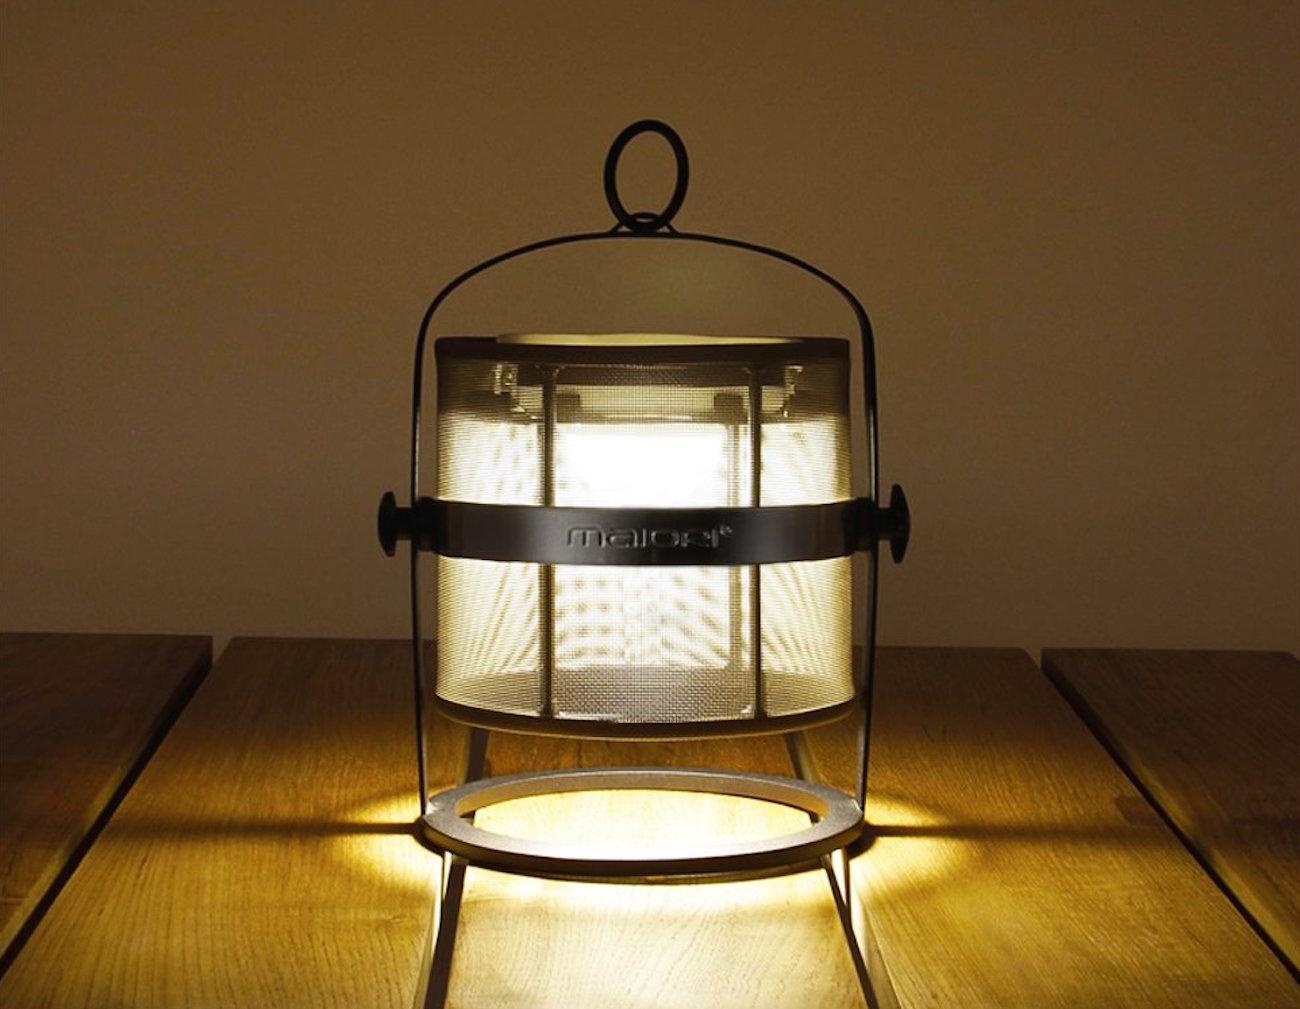 La Lampe Petite – Solar Weather-Proof Lamp